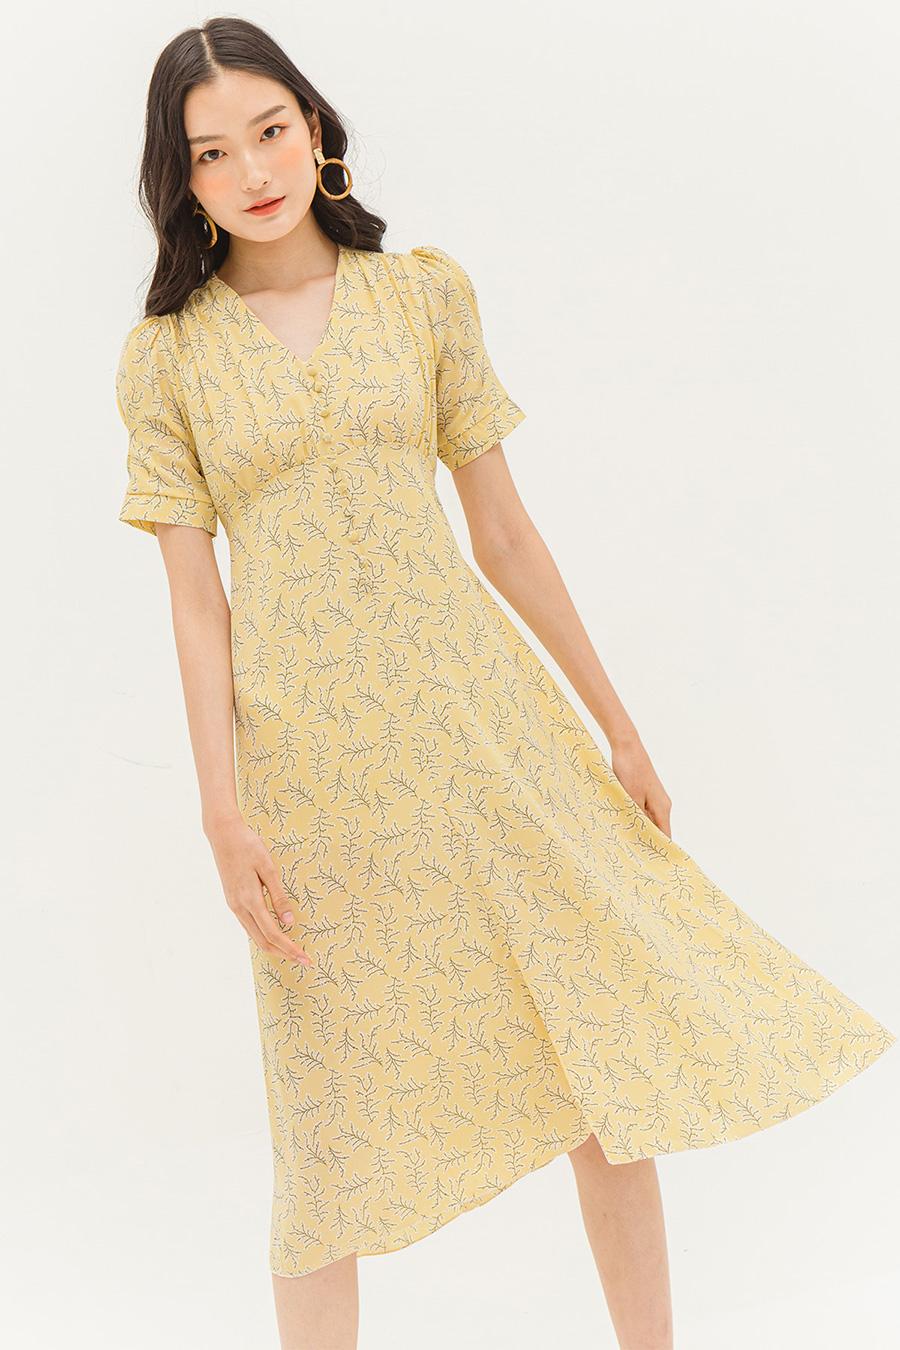 *BO* HANNAH DRESS - BUTTER FLEUR